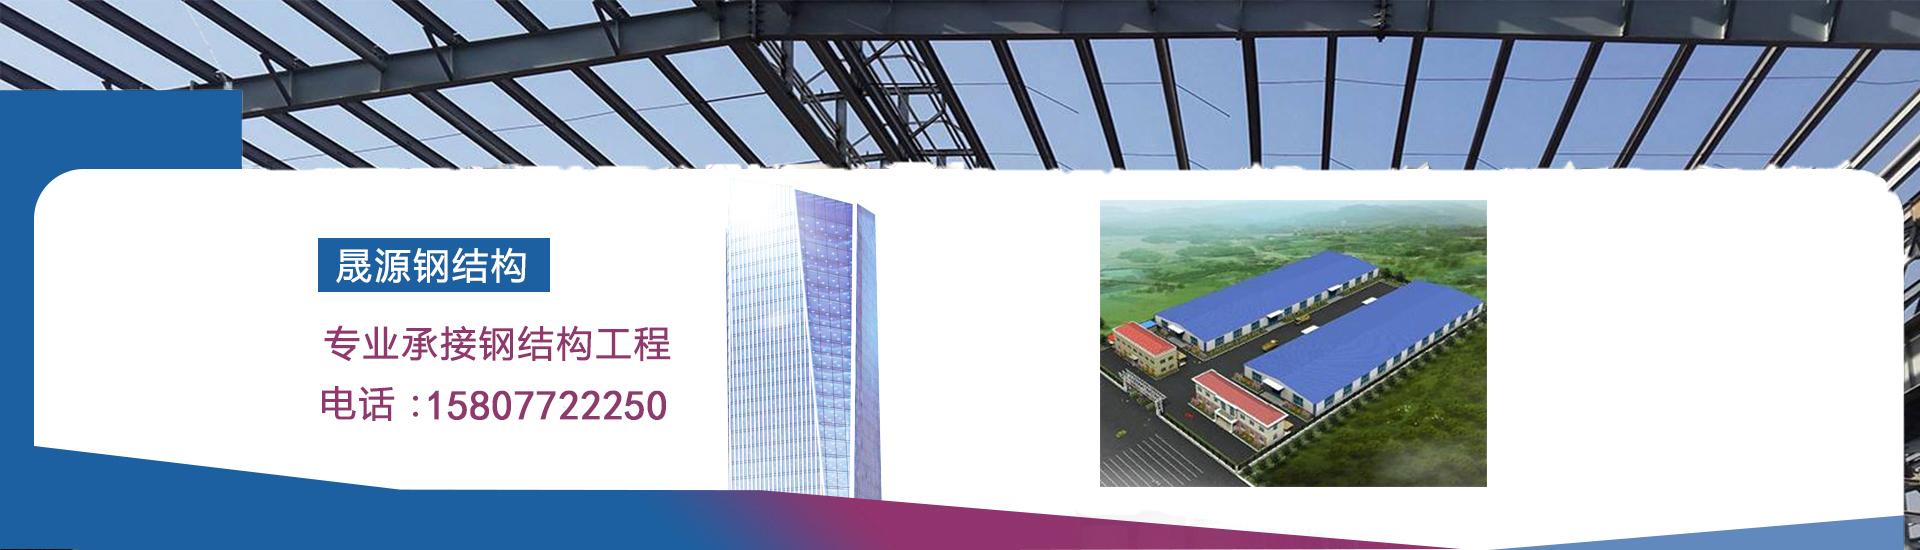 广西钢结构厂家_柳州晟源钢结构科技有限公司